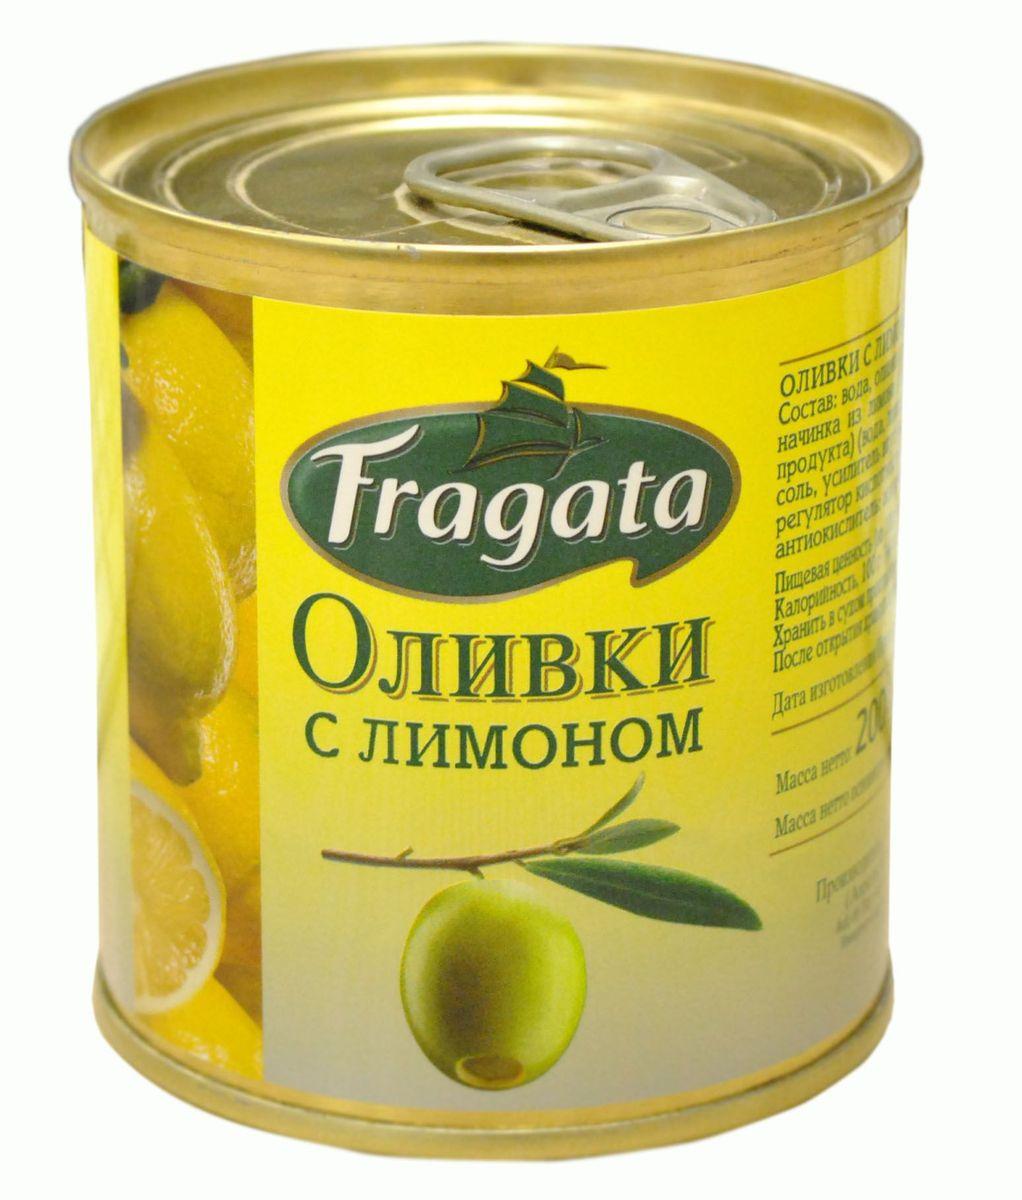 Fragata оливки с лимоном, 200 г оливки чёрные pikarome с косточкой в рассоле 3 2 кг